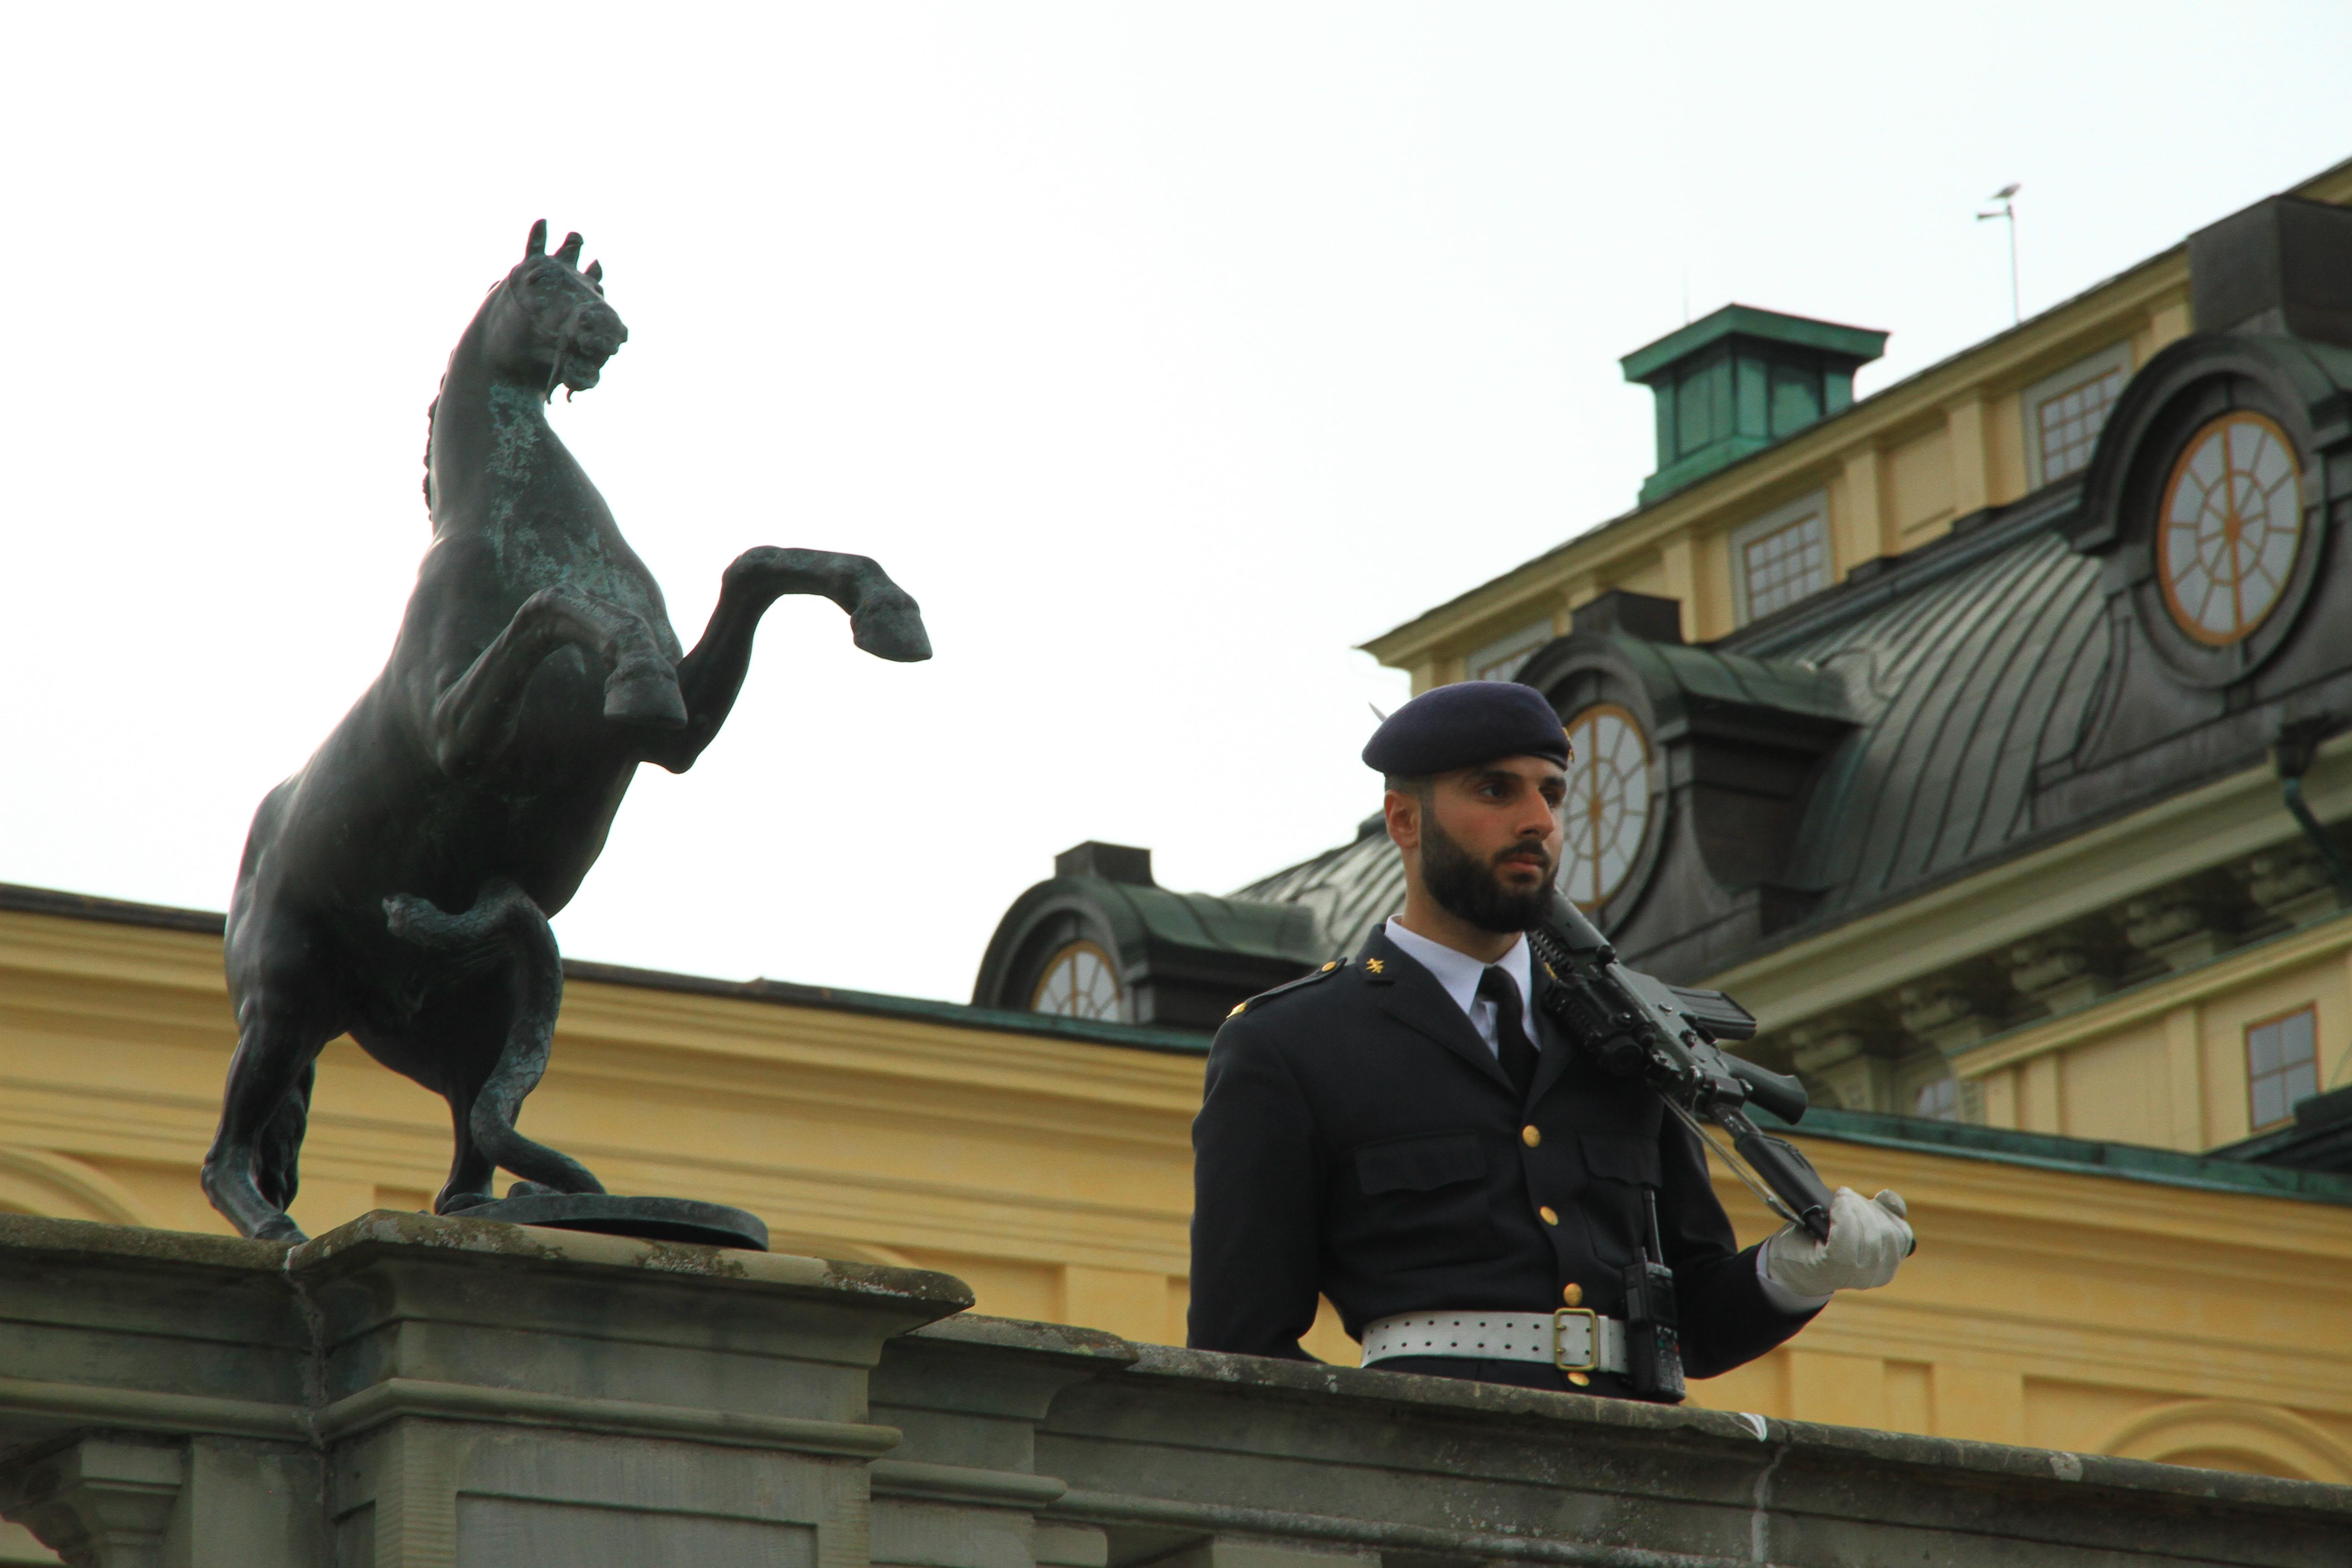 135、瑞典斯德哥尔摩:夏宫卫兵(谢谢分享)